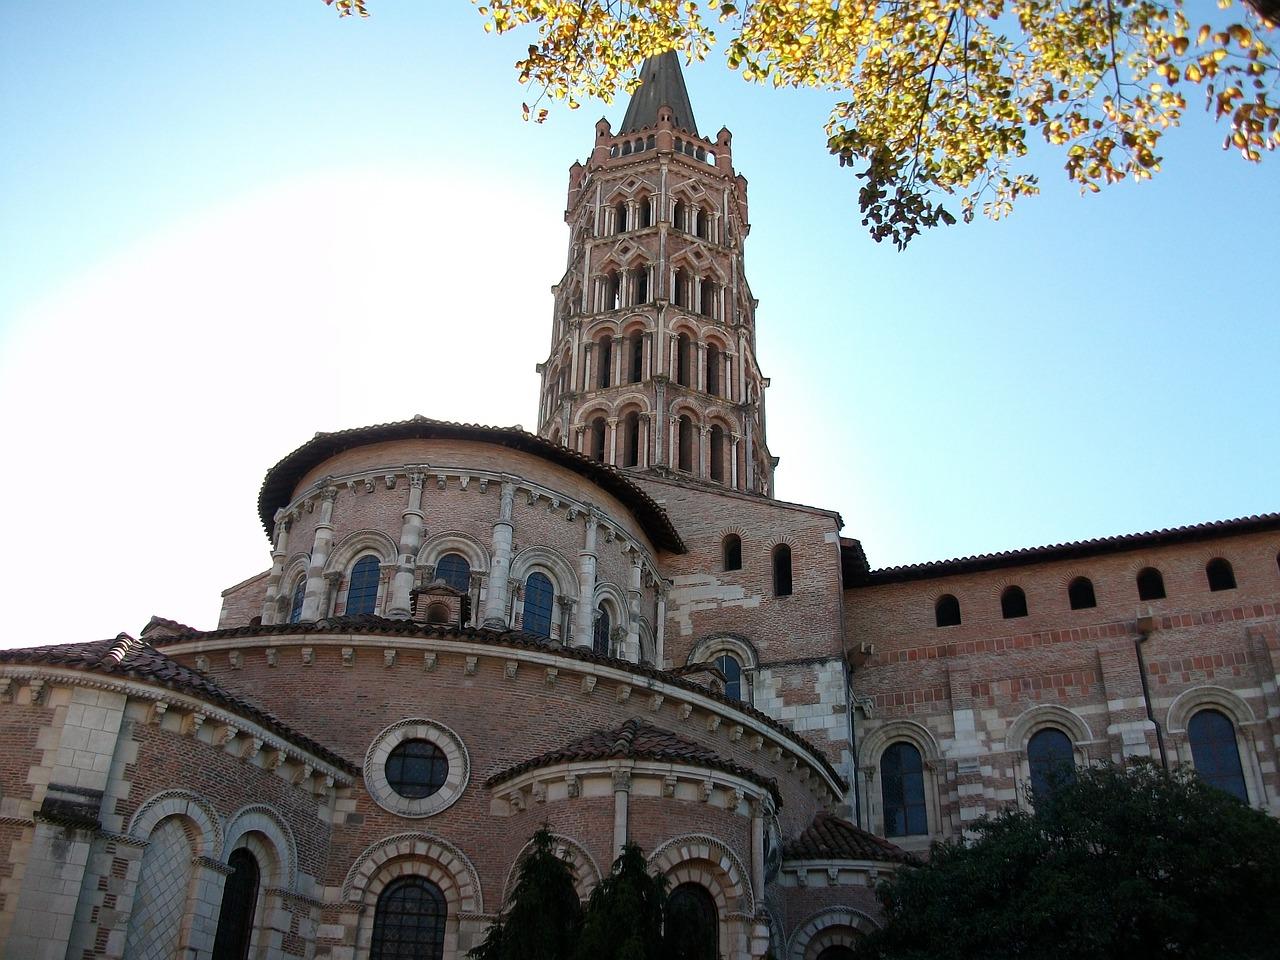 Les guides locaux vous feront visiter la cathédrale de Toulouse, mais aussi les églises moins connues